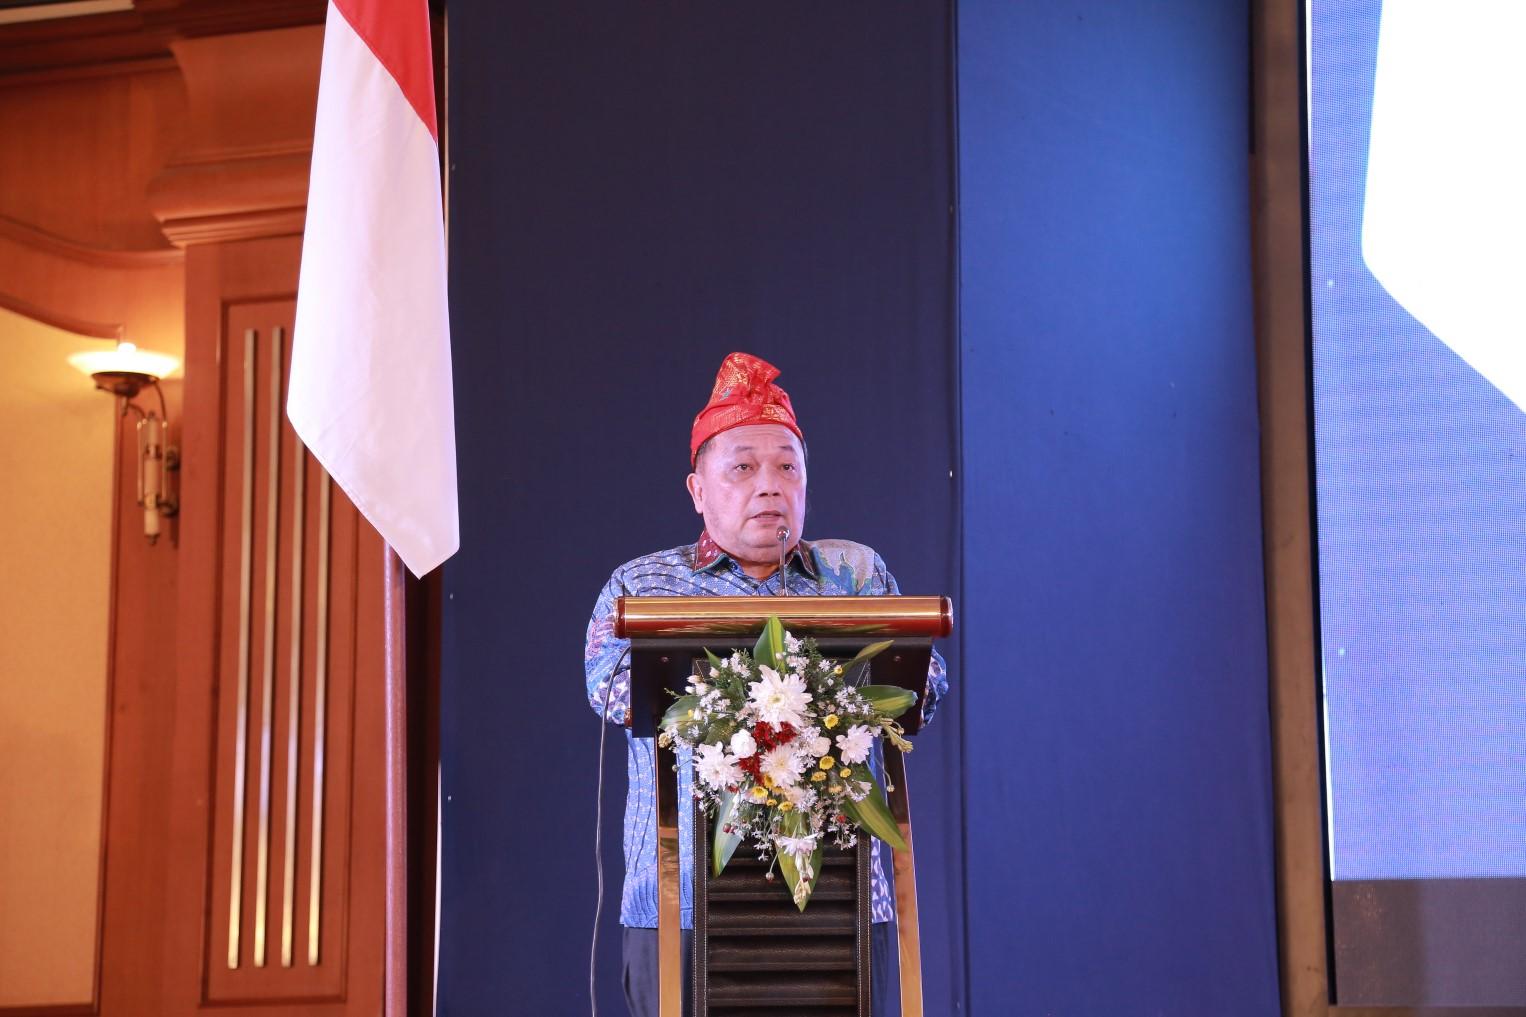 Gubernur-NTB-Buka-Acara-Seminar-dan-Rapat-Kerja-Nasional-Forum-Komunikasi-Dewan-Komisaris-Bank-Pembangunan-Daerah-Seluruh-Indonesia-FKDK-BPDSI-